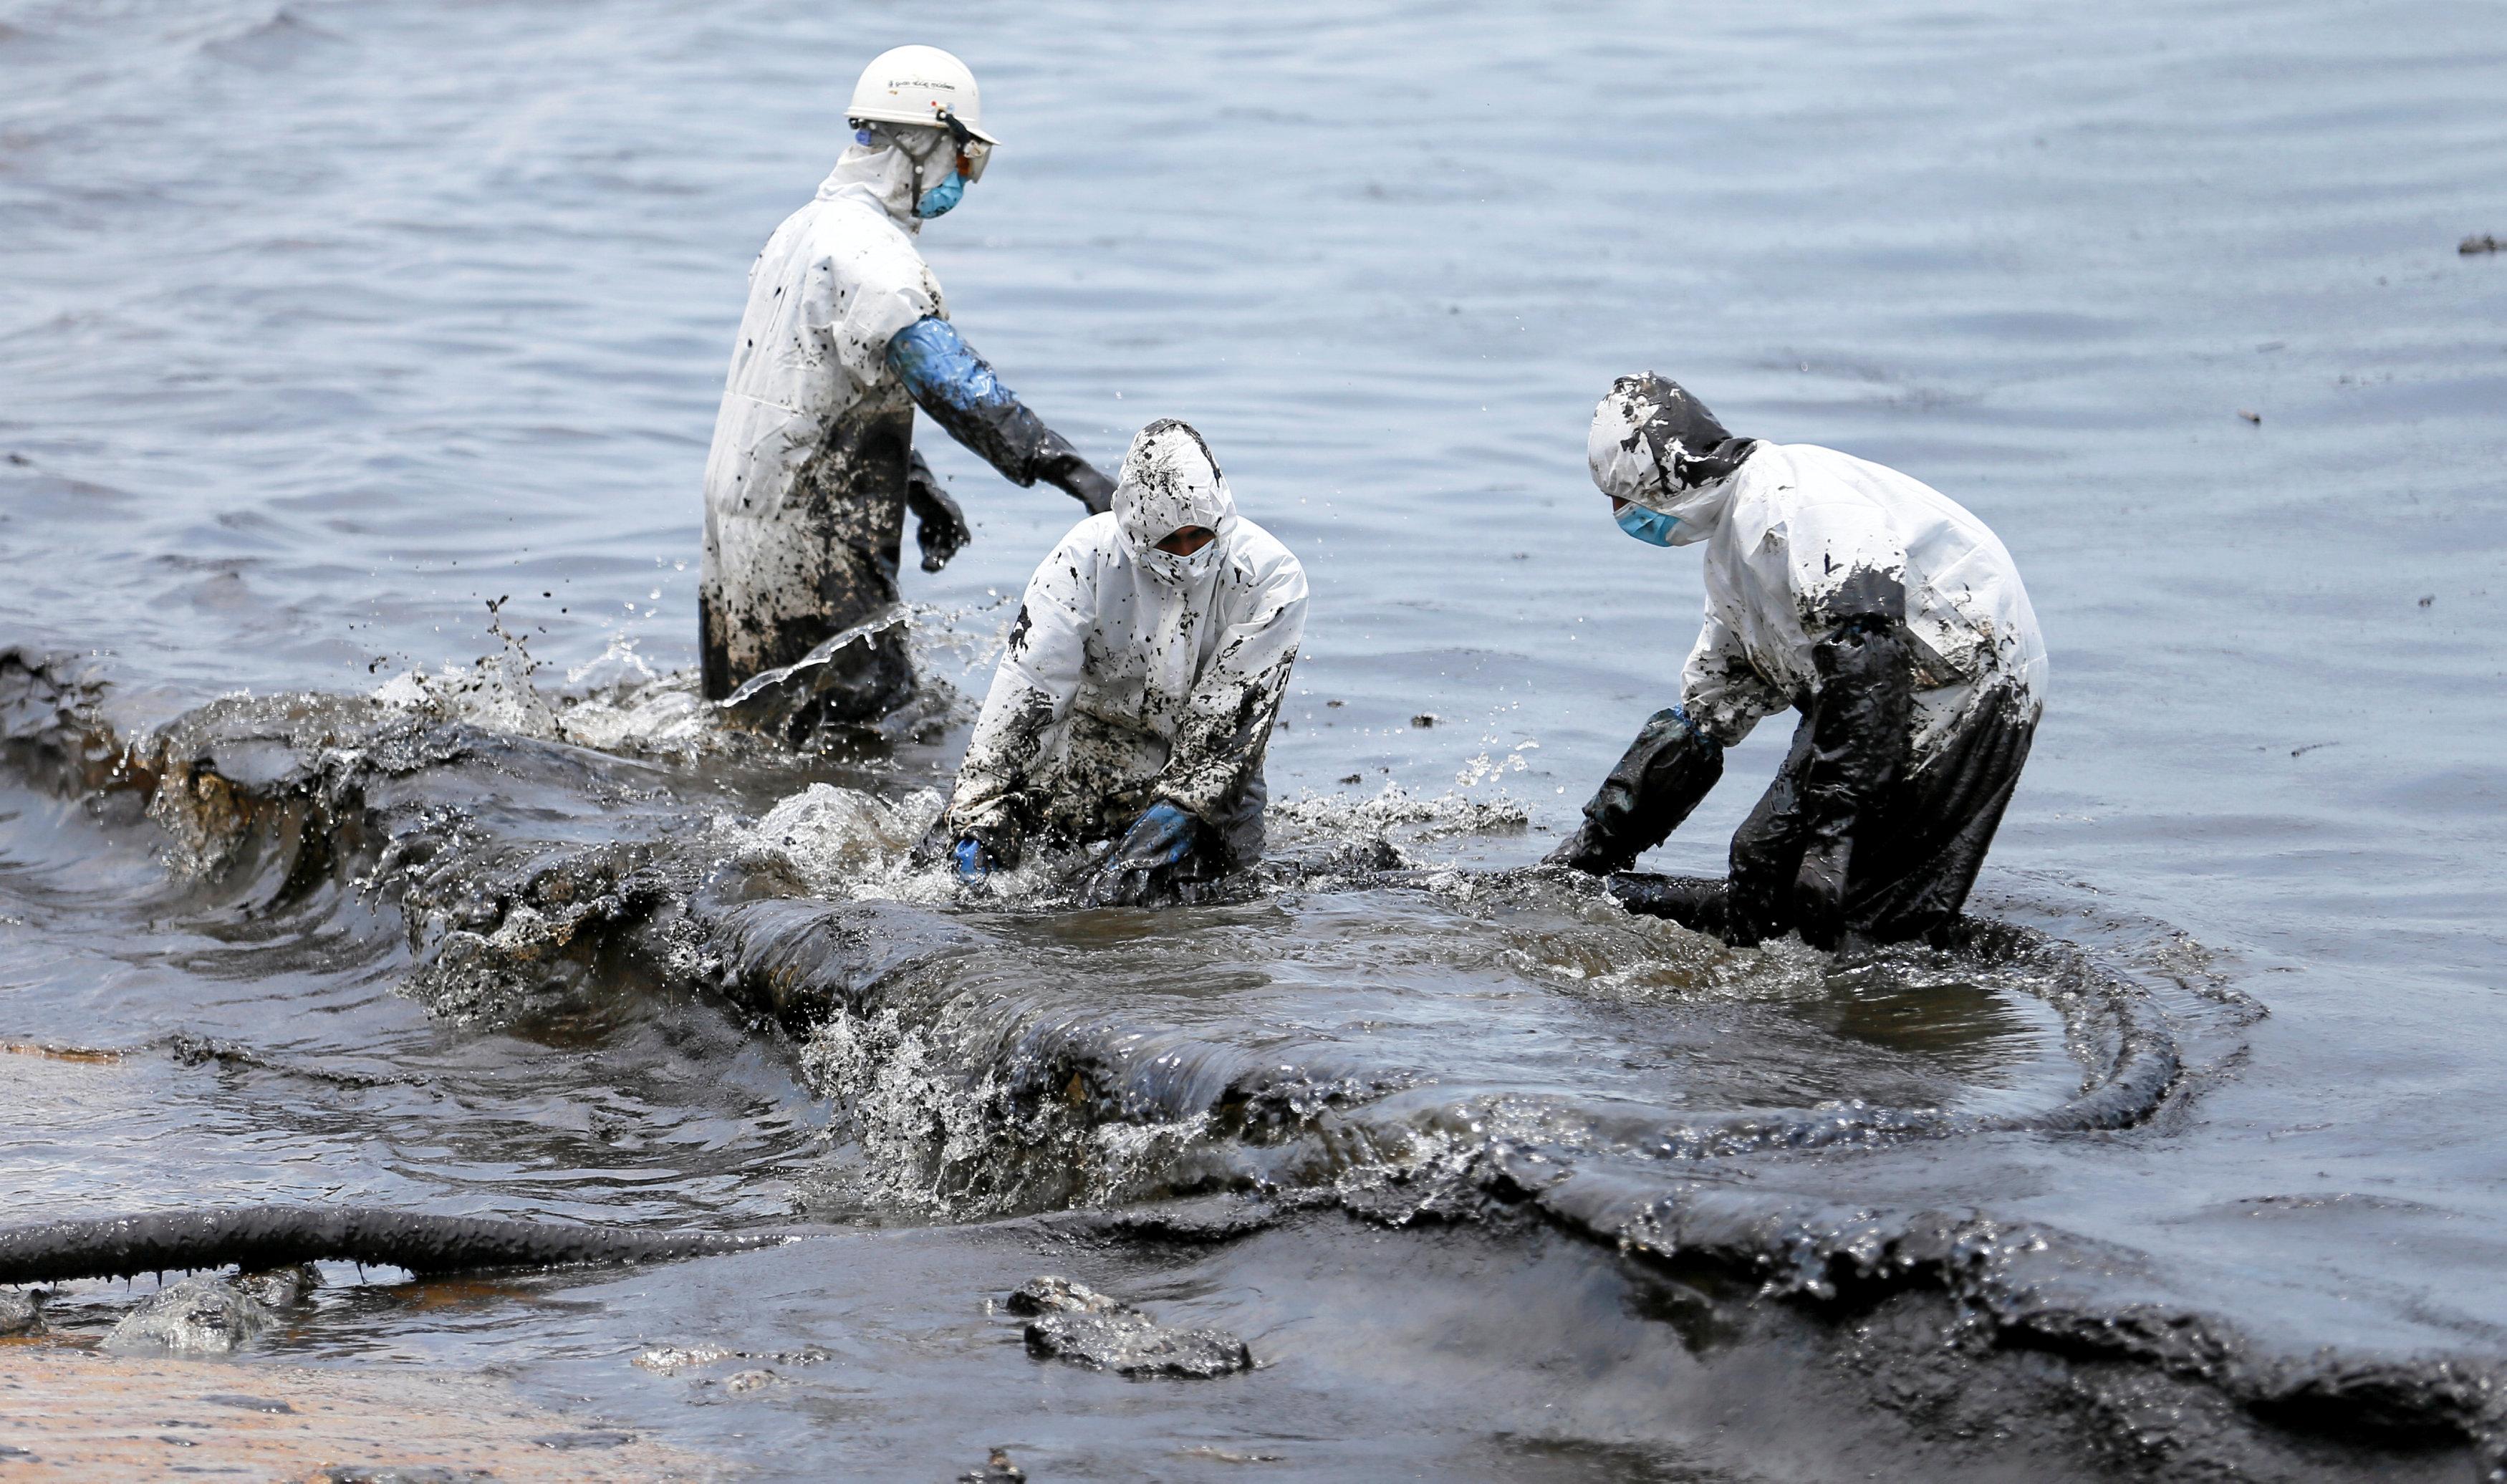 عملية التنظيف يشارك بها قرابة 300 فرد